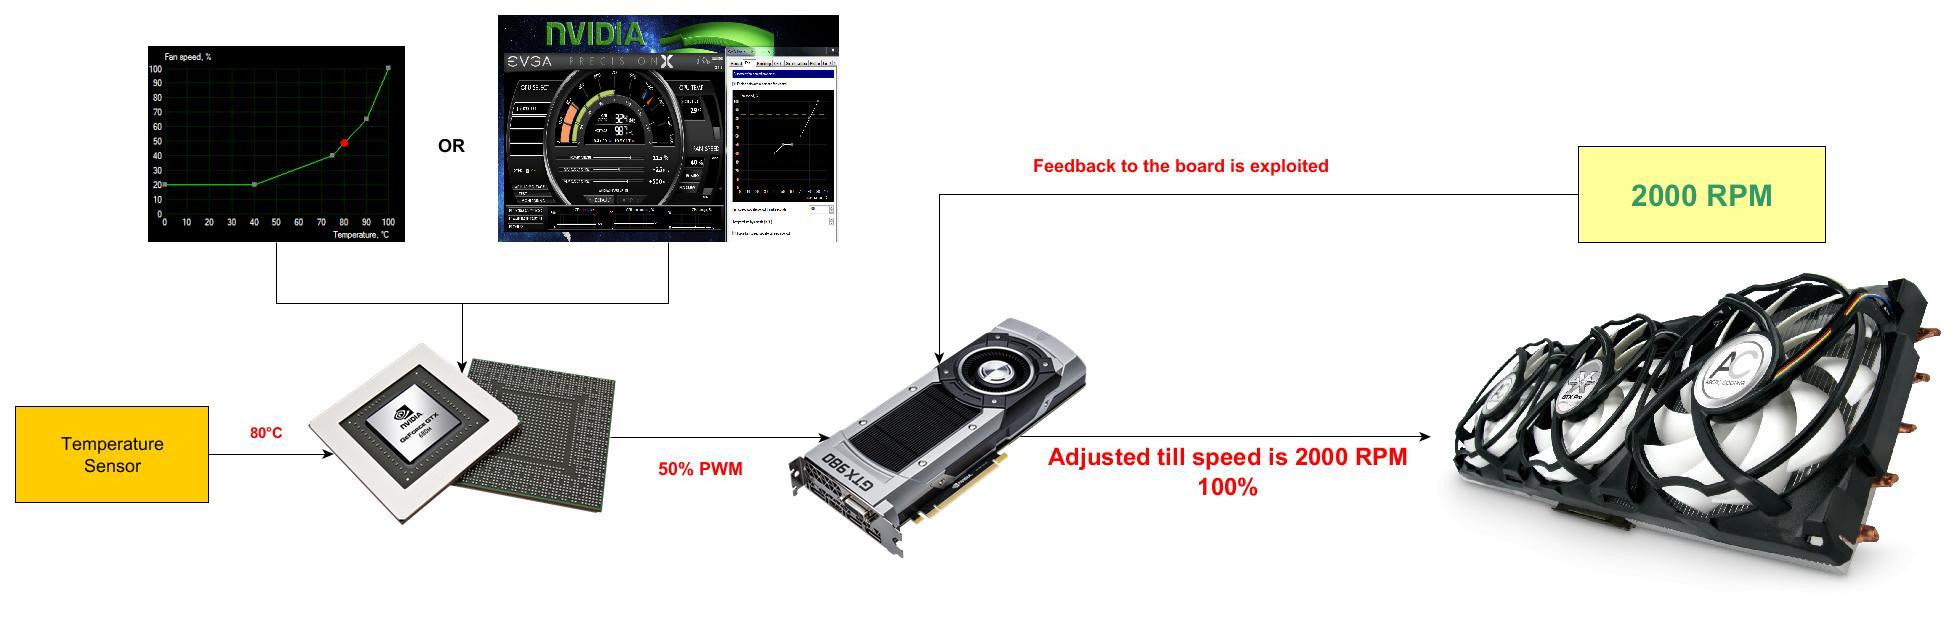 Nvidia mode